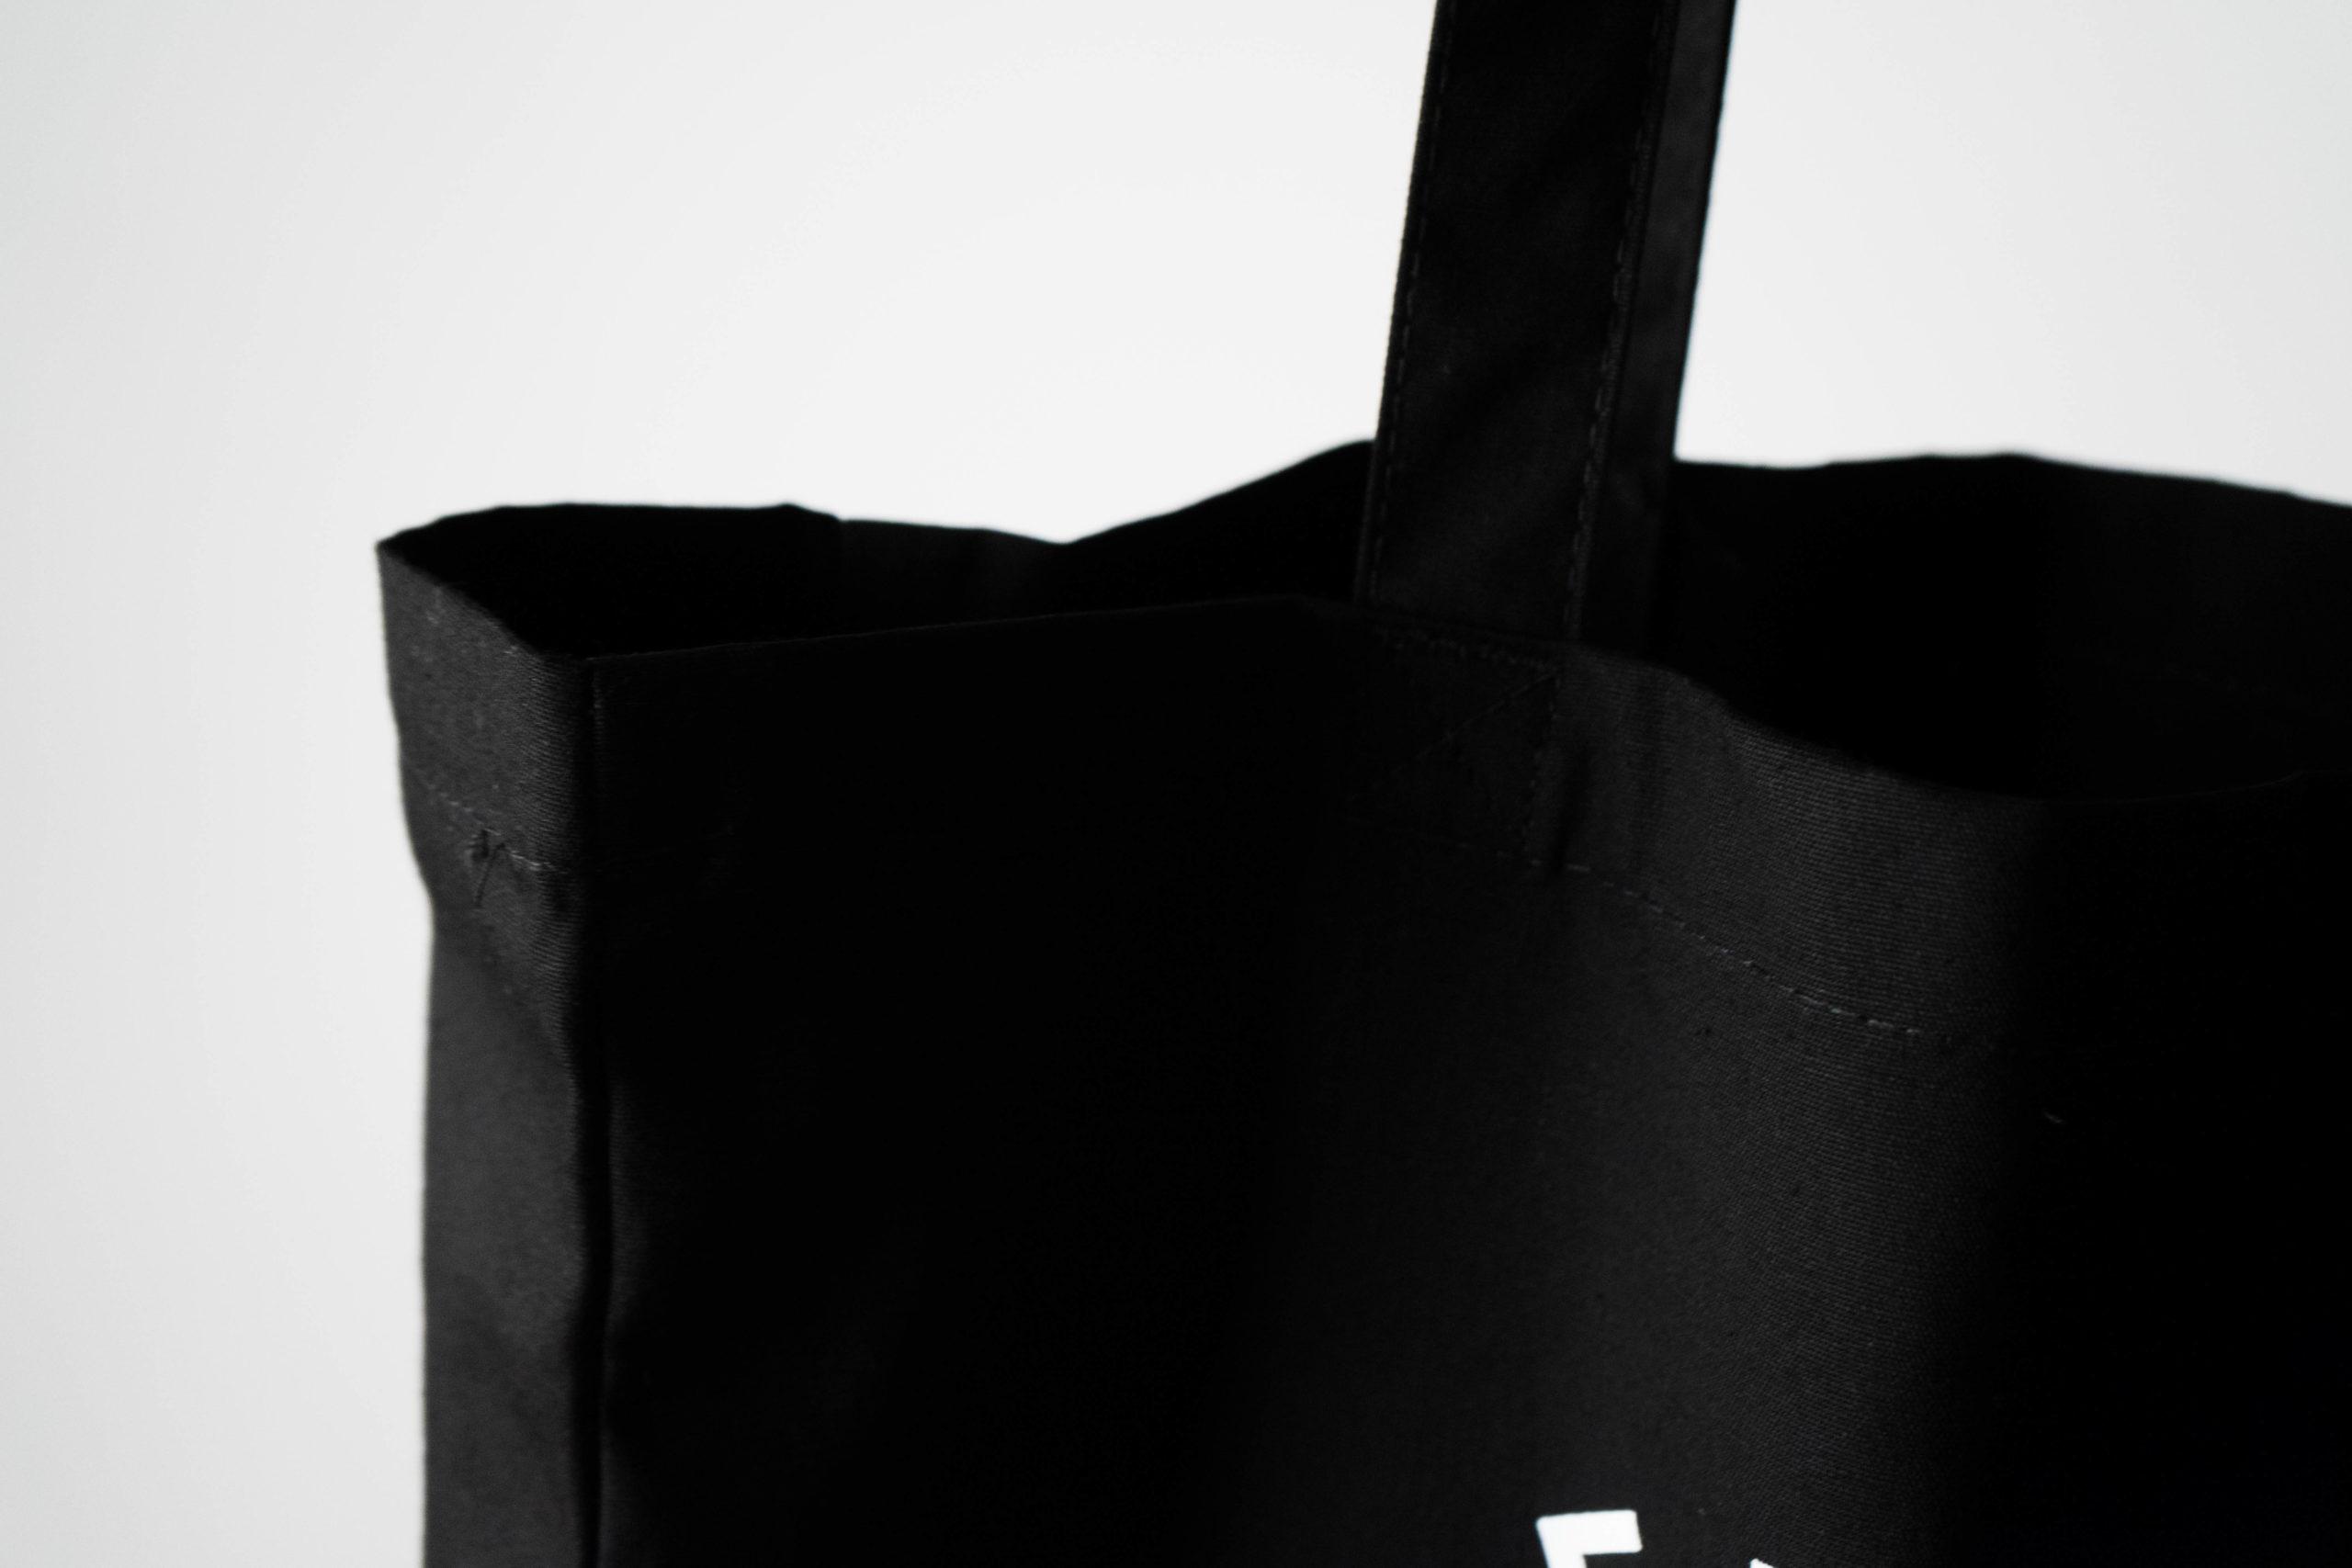 bolsa de algodon negra de calidad de diseño logo serigrafia